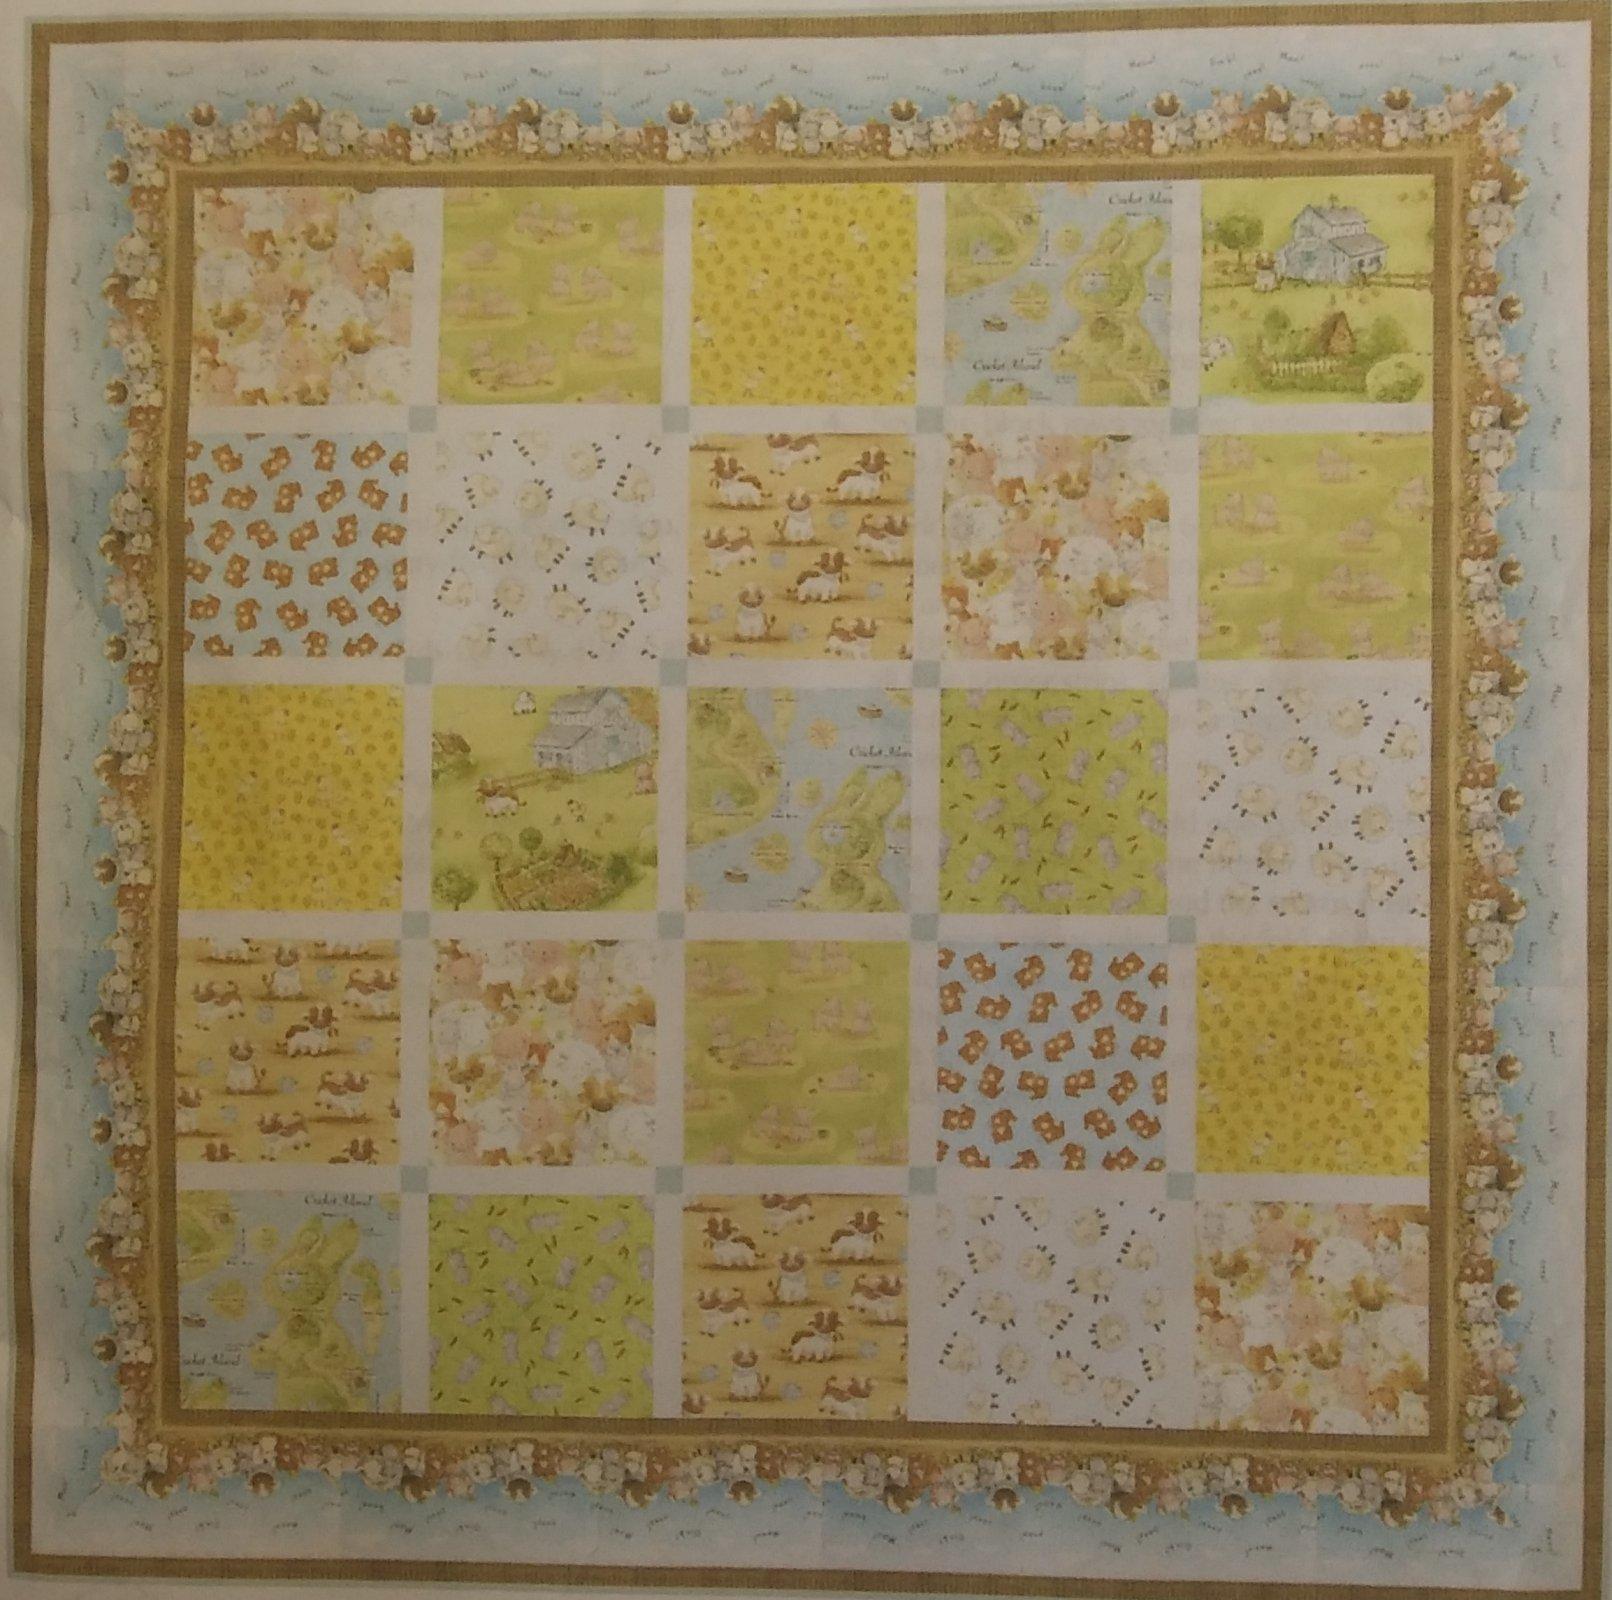 CTFQK1 Cotton Tale Farm Quilt Kit 56 1/2 x 56 1/2